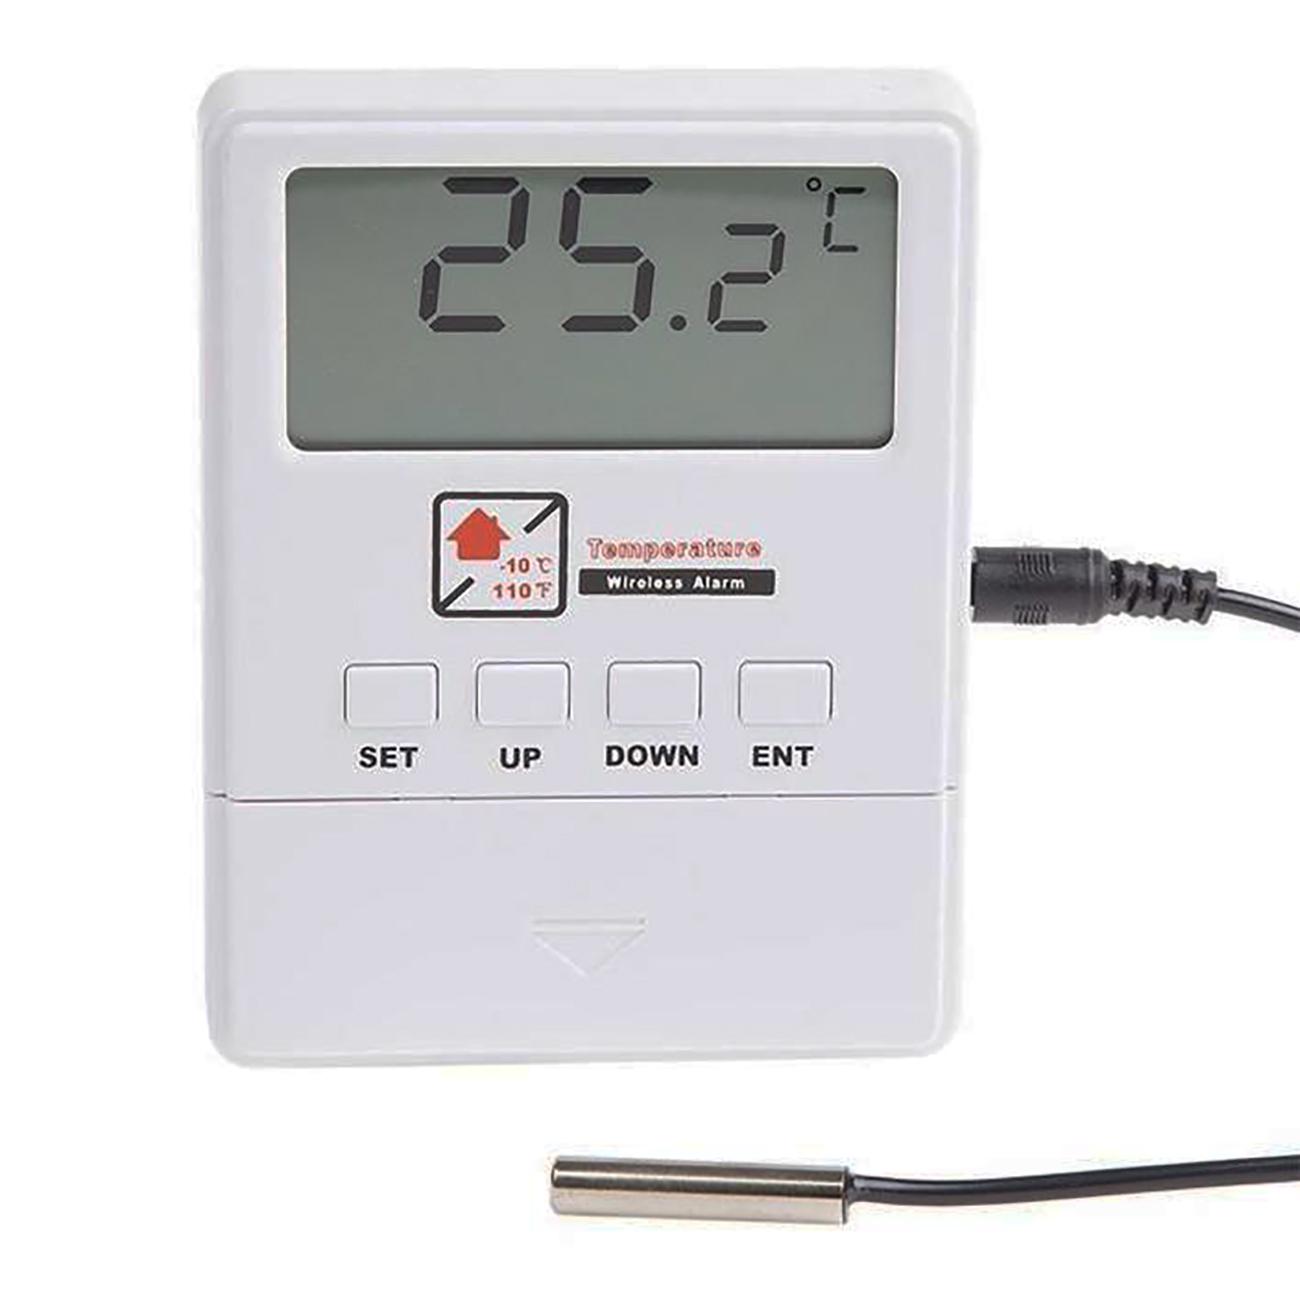 Фото Беспроводной датчик температуры Rexant GS-249 с выносным термозондом для сигнализации GS-115 {46-0249} (1)